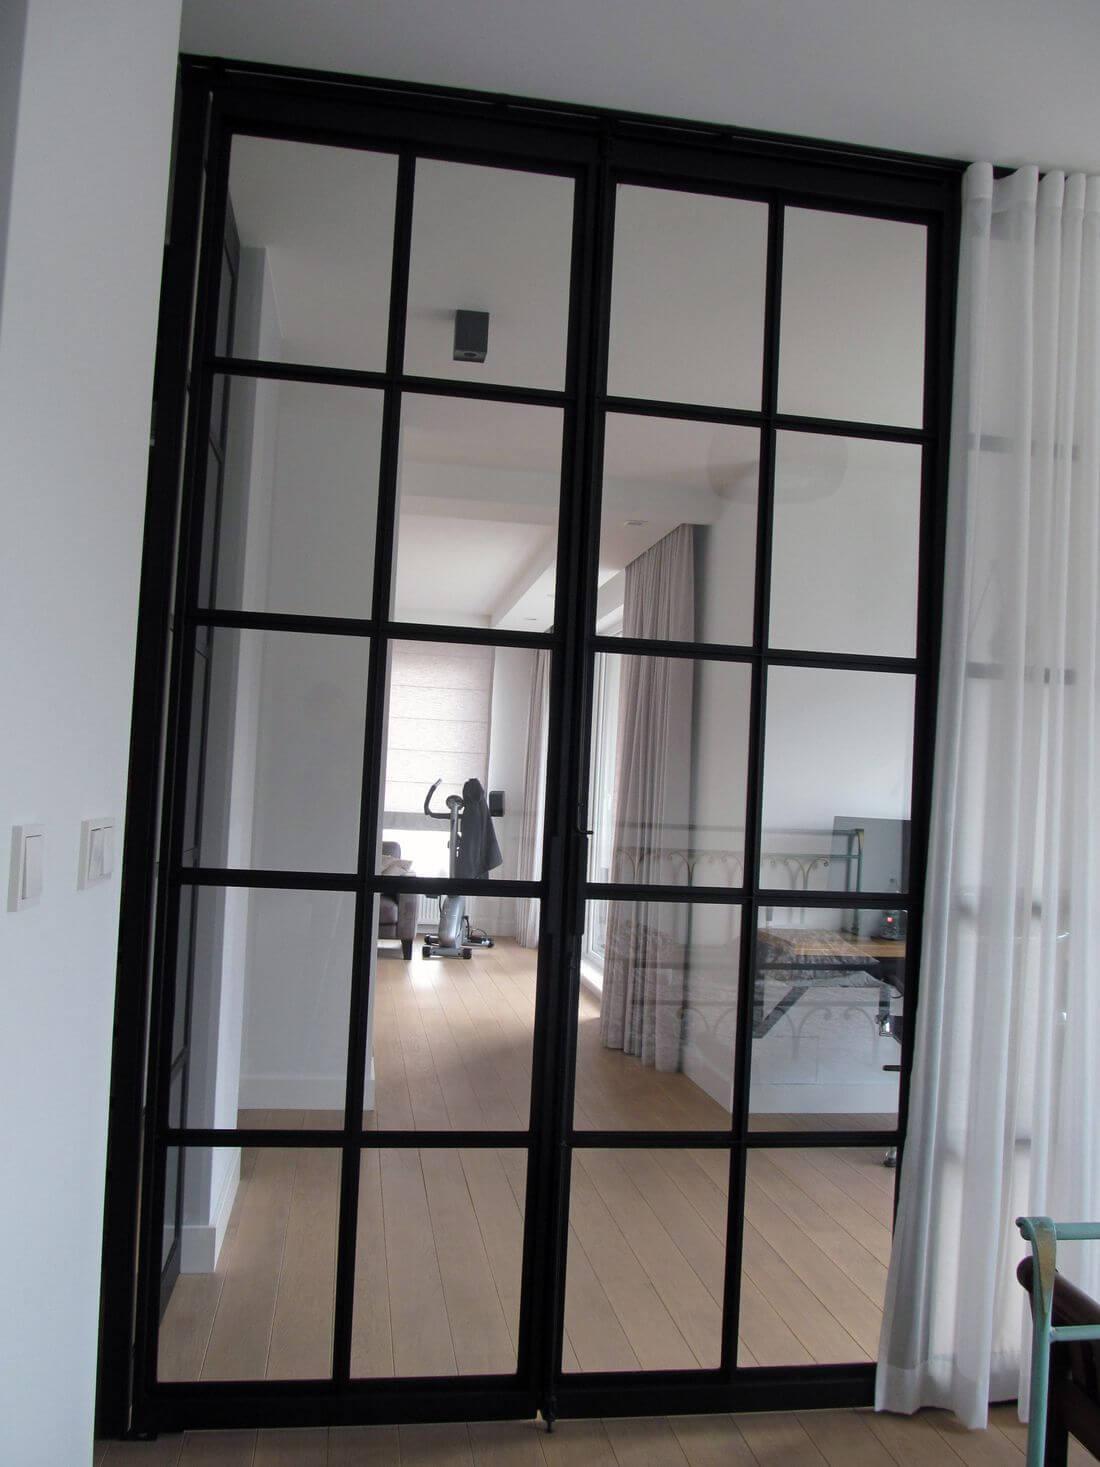 Drzwi Loftowe Industrialne wychodzące z sypialni do pokoju dziennego zamknięte – wykonane ze szkła i metalu